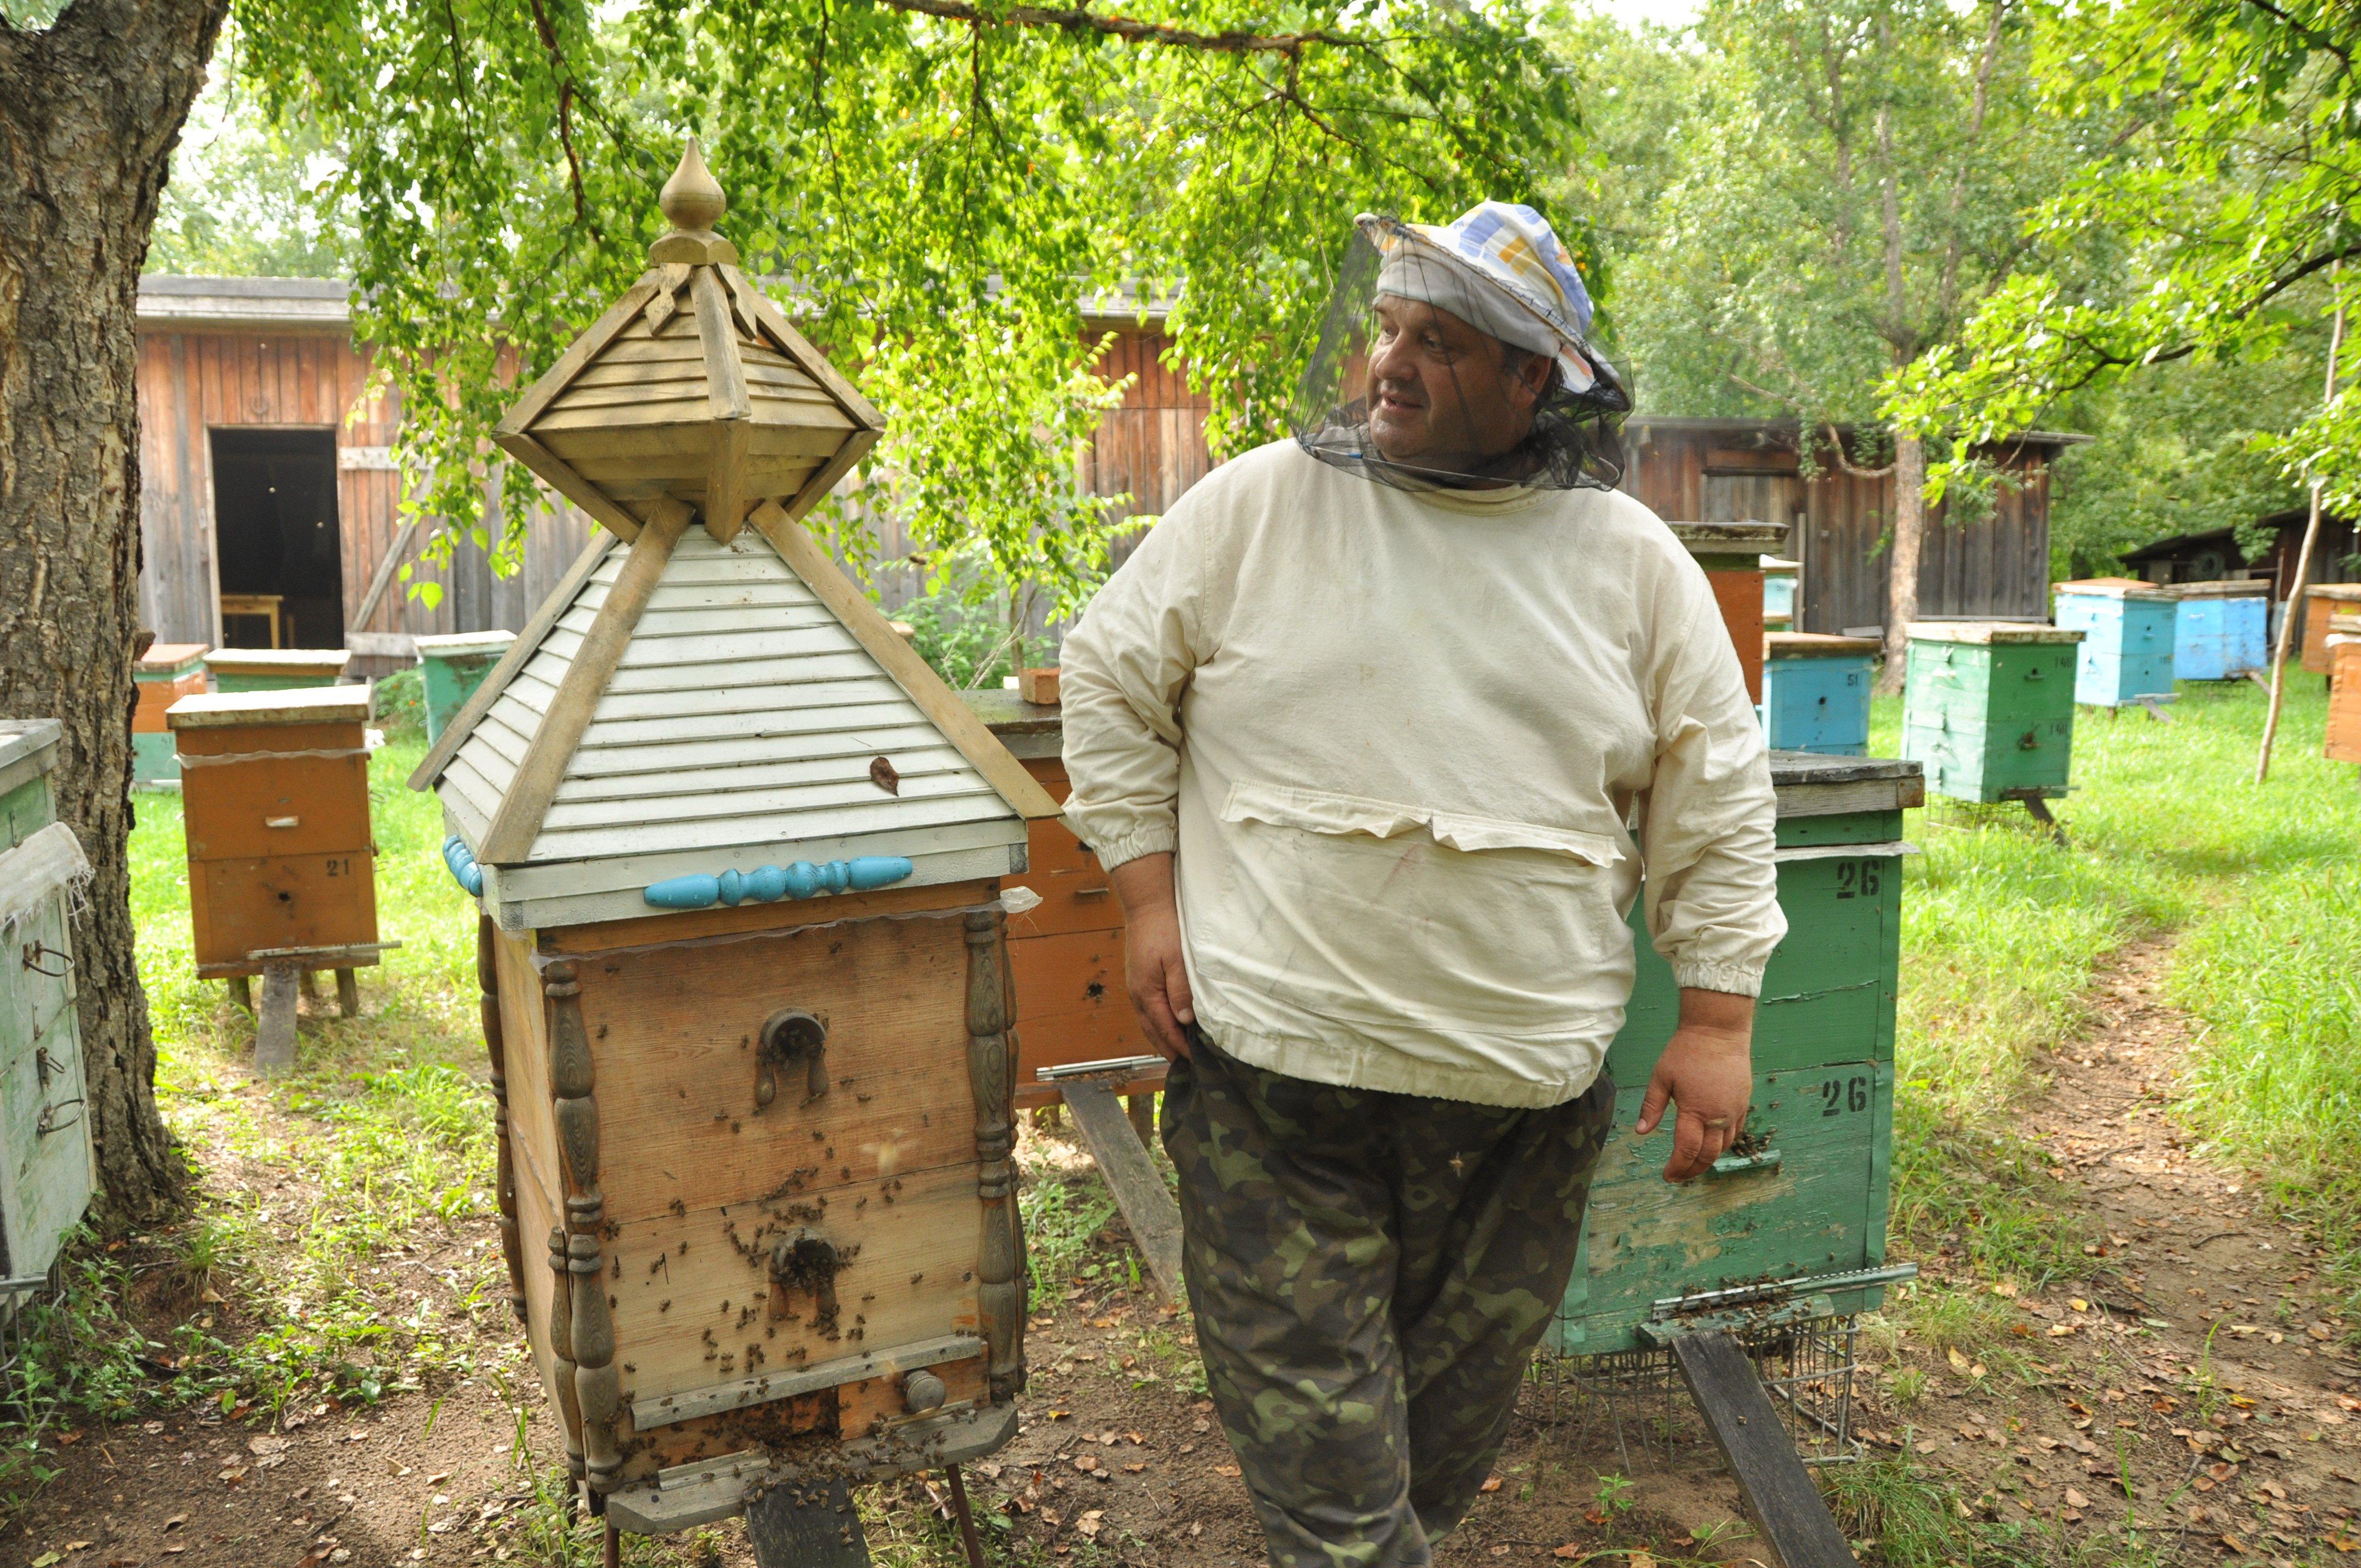 пчеловоды амурской области фото объясняется